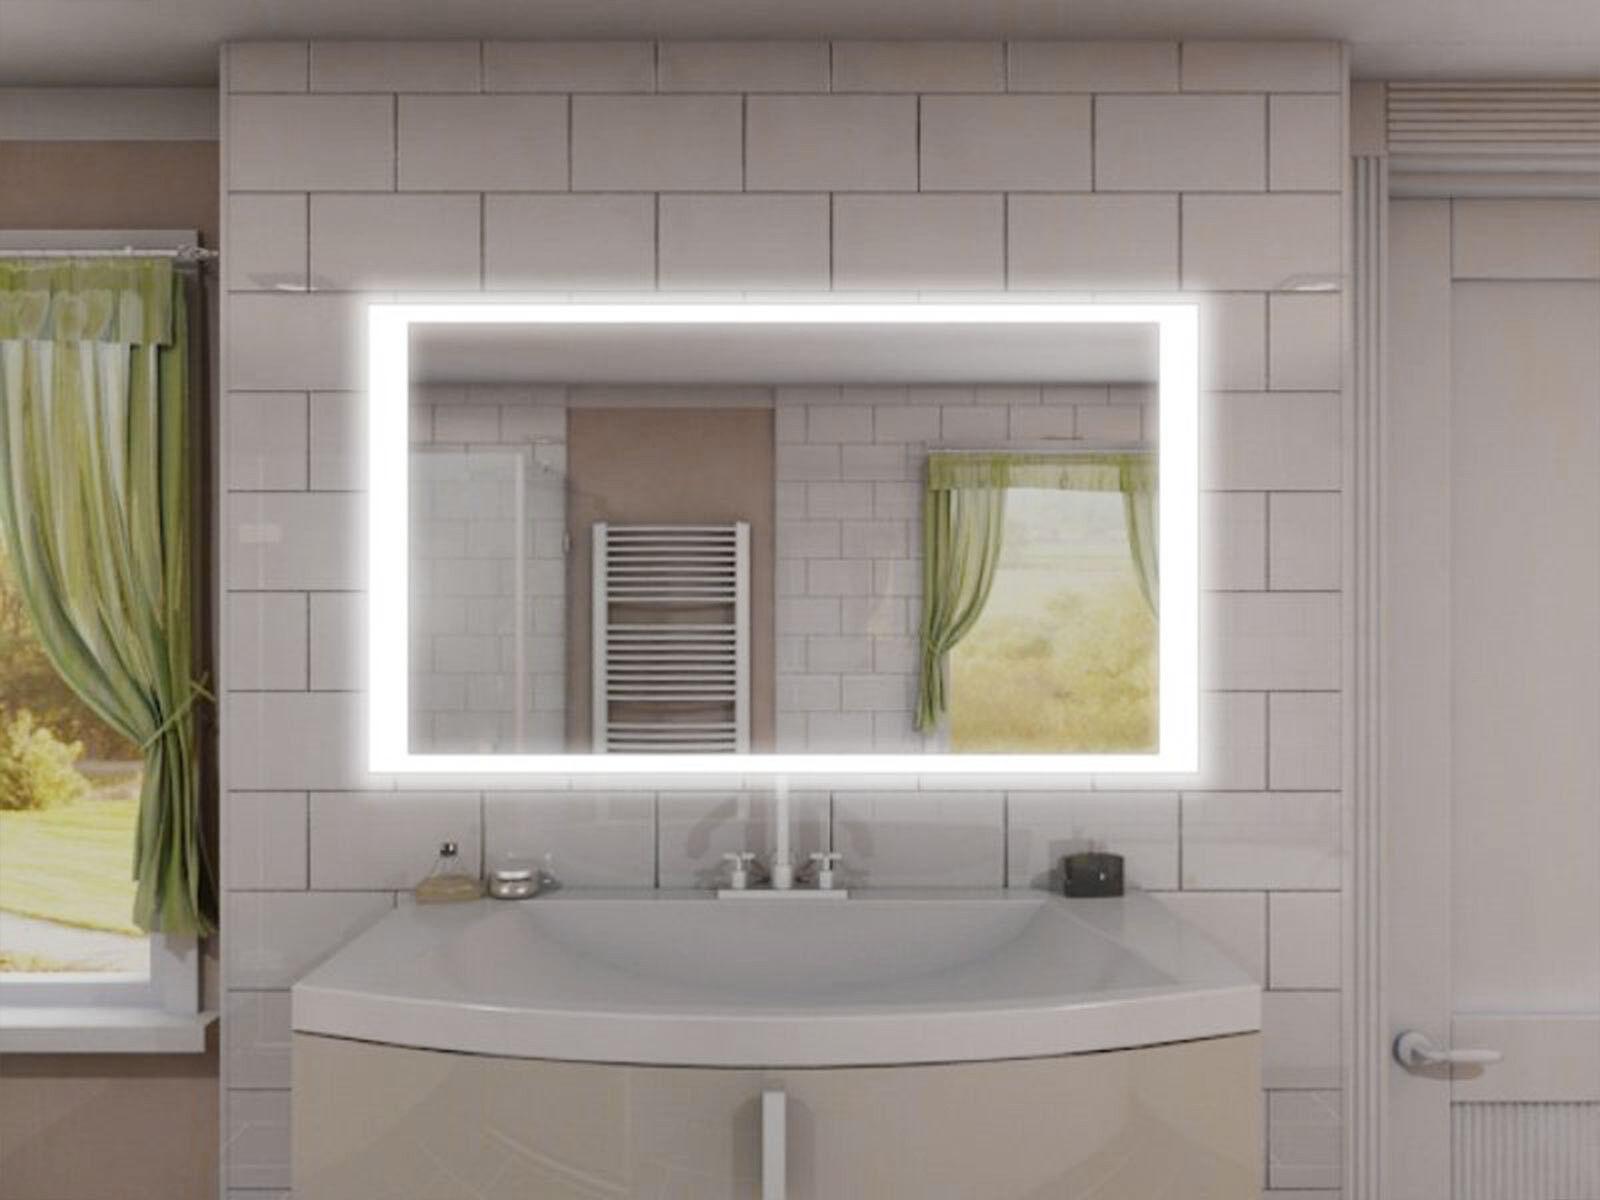 Badspiegel Badezimmerspiegel Bad Spiegel LED beleuchtet rundherum ■■■ MNJ1L4